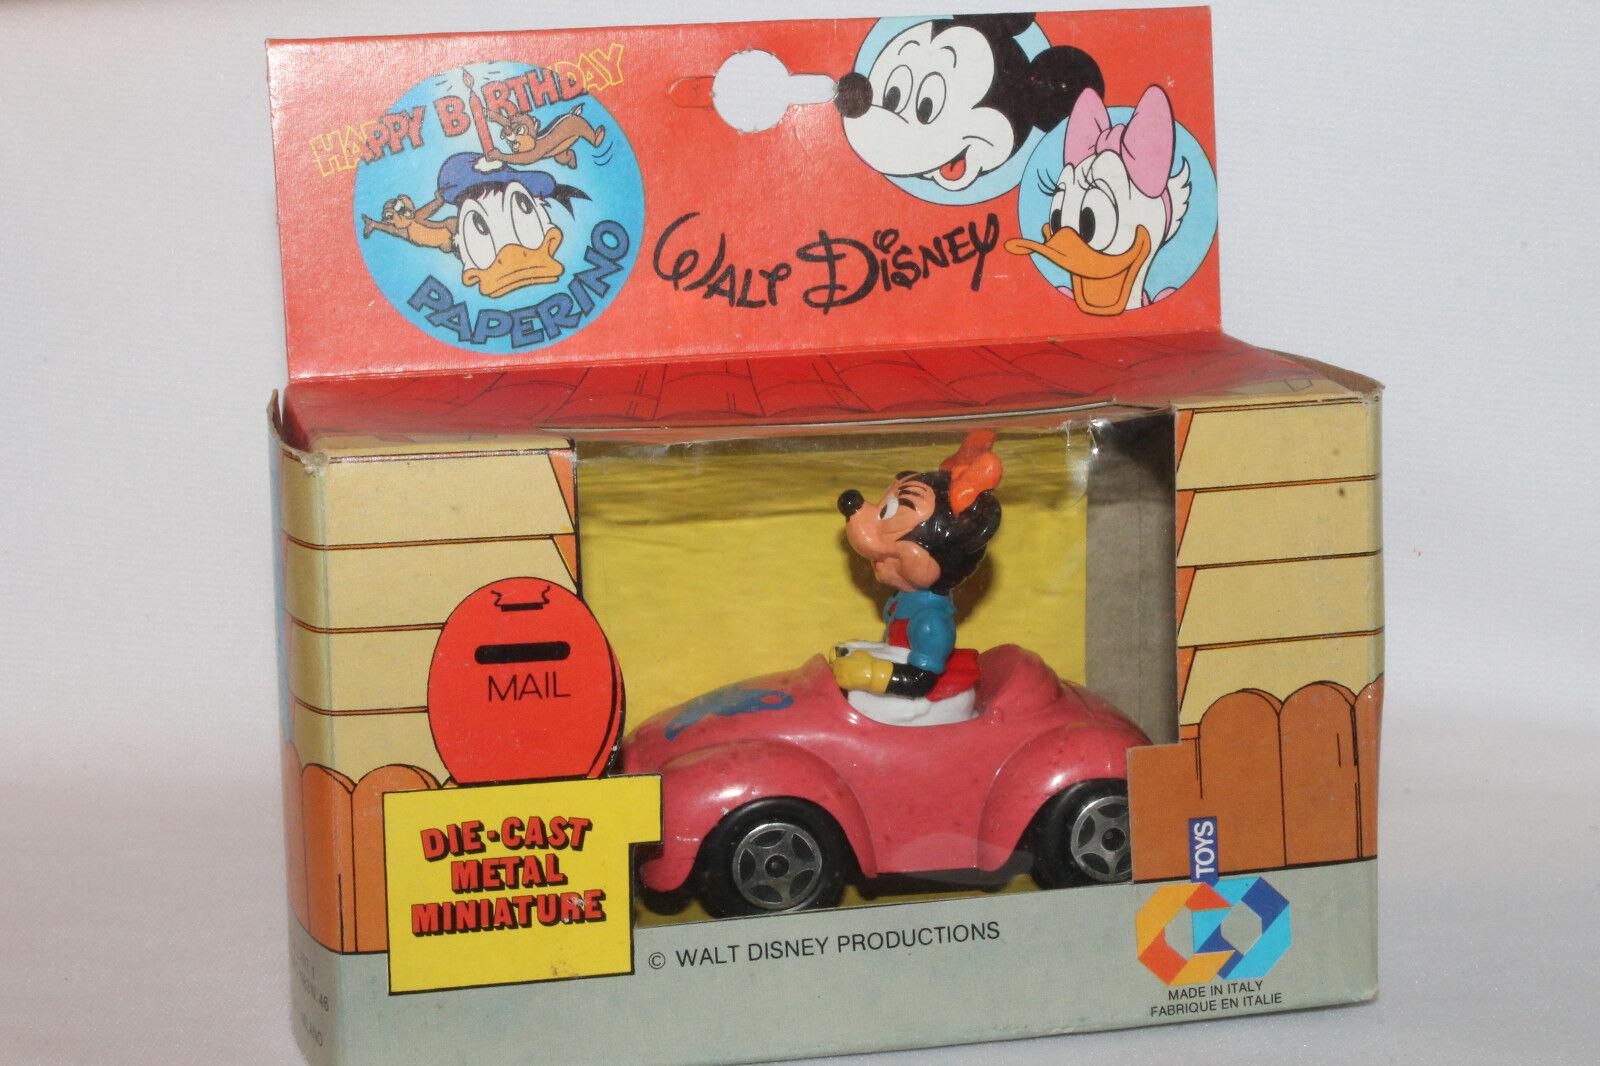 envío rápido en todo el mundo Polistil CB Juguetes, Juguetes, Juguetes, Hecho en Italia Diecast Minnie Mouse en Converdeible Coche,  comprar mejor